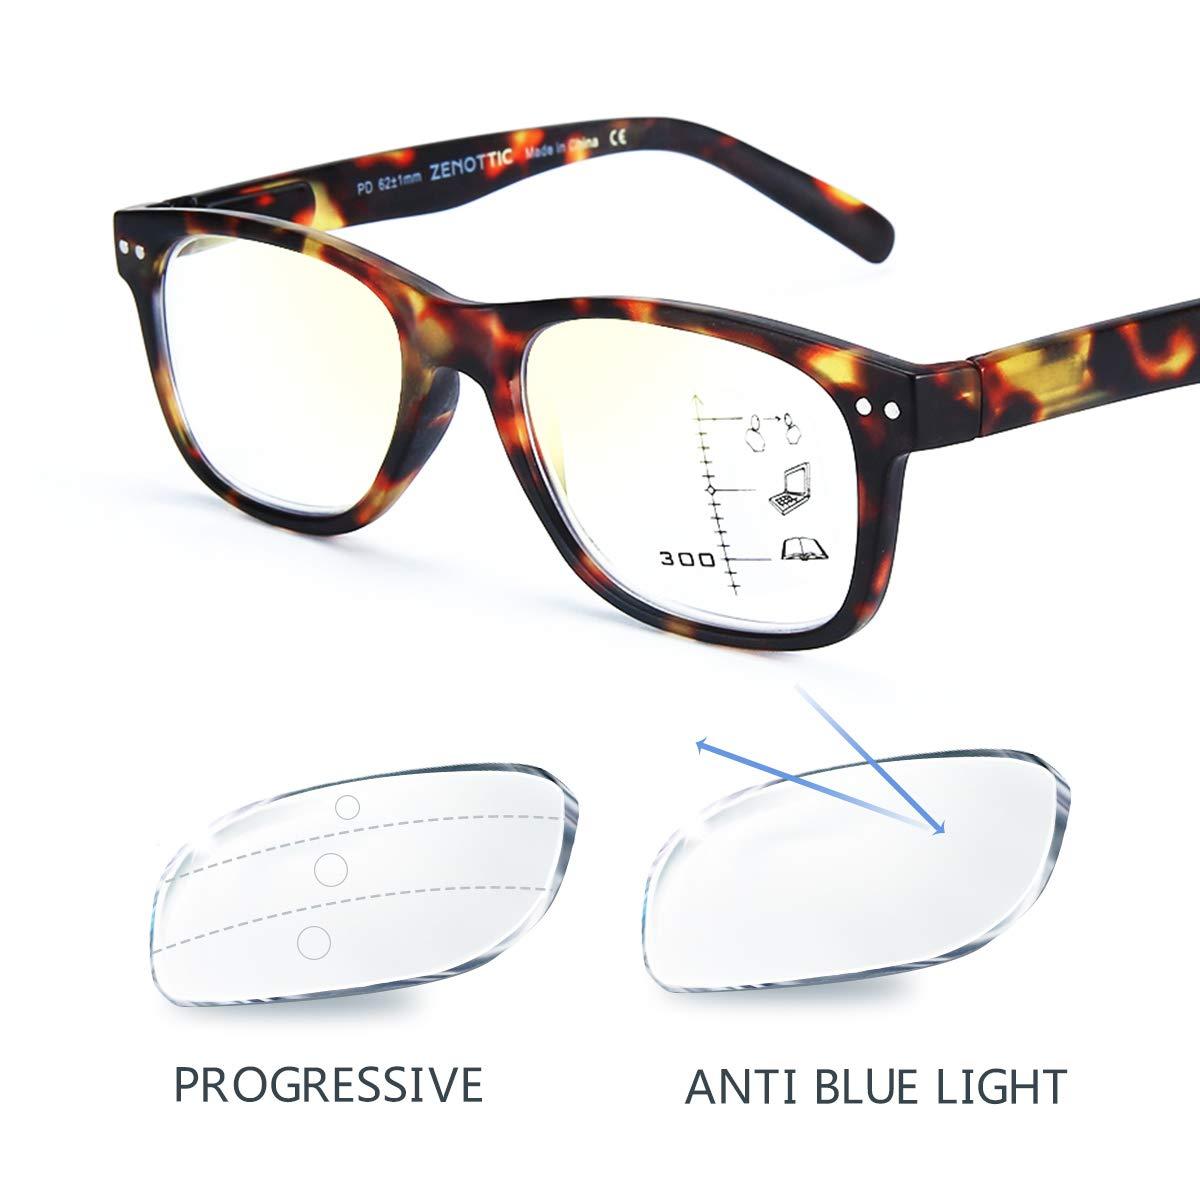 Raggi Blu Montatura per Occhiali da Uomo e Donna Occhiali da Lettura Multifocali Progressivi ClassicI Anti TARTARUGA, 2.50x